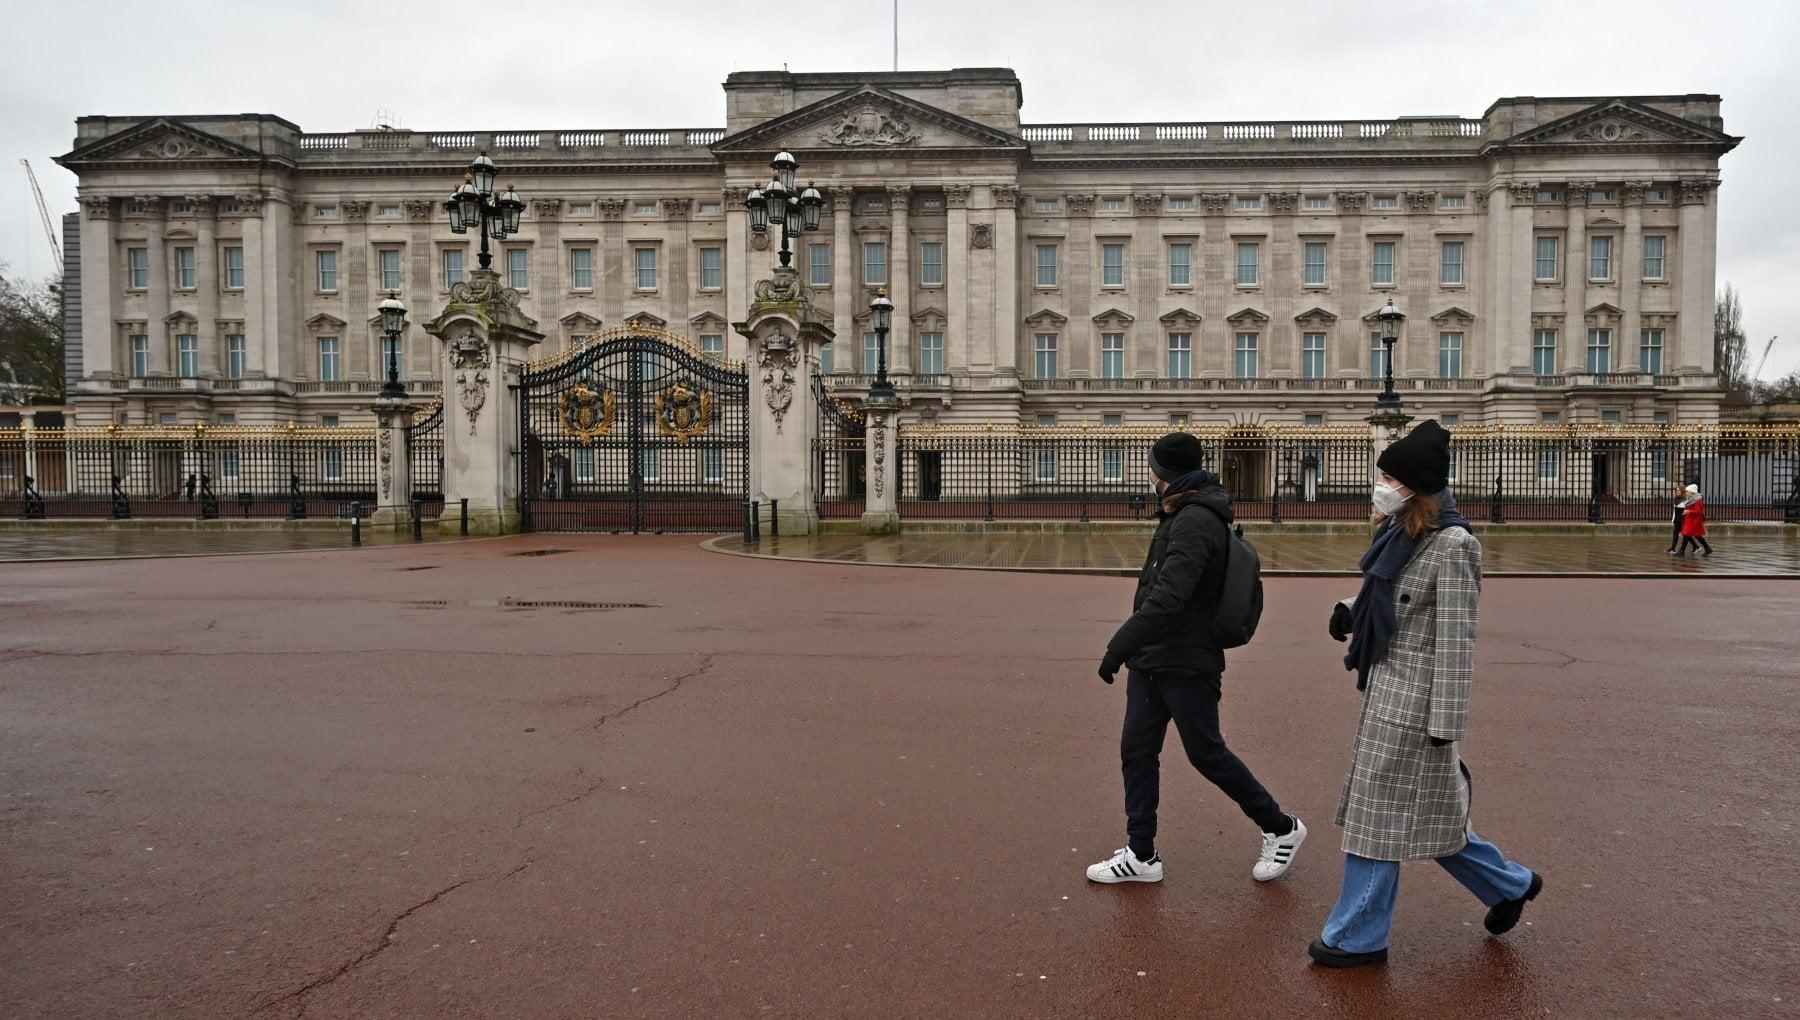 Furto a Buckingham Palace arrestato maggiordomo della Regina